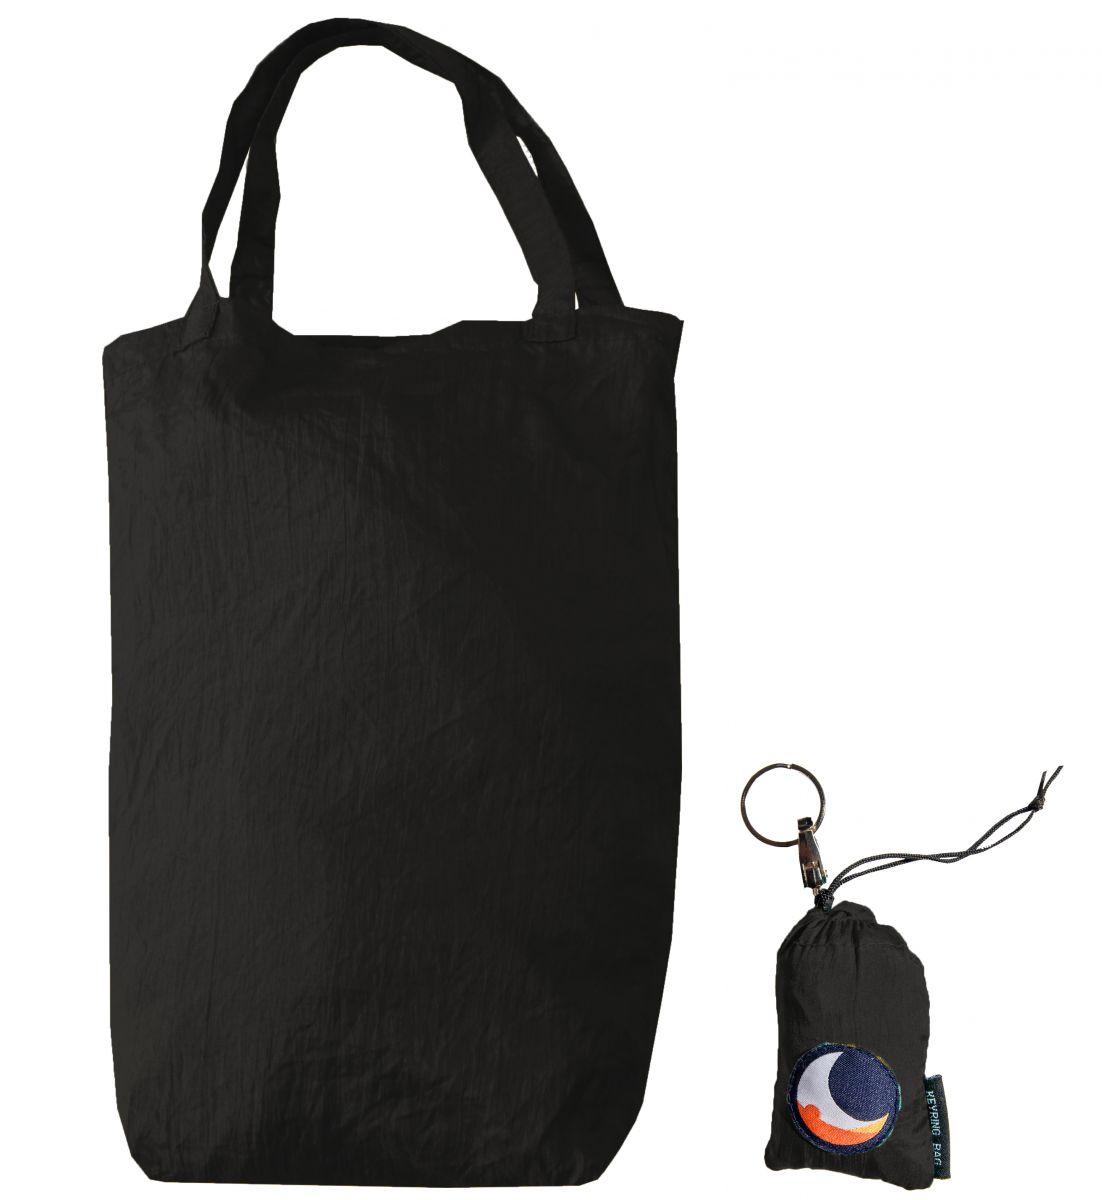 Τσάντα Με Μπρελόκ Black